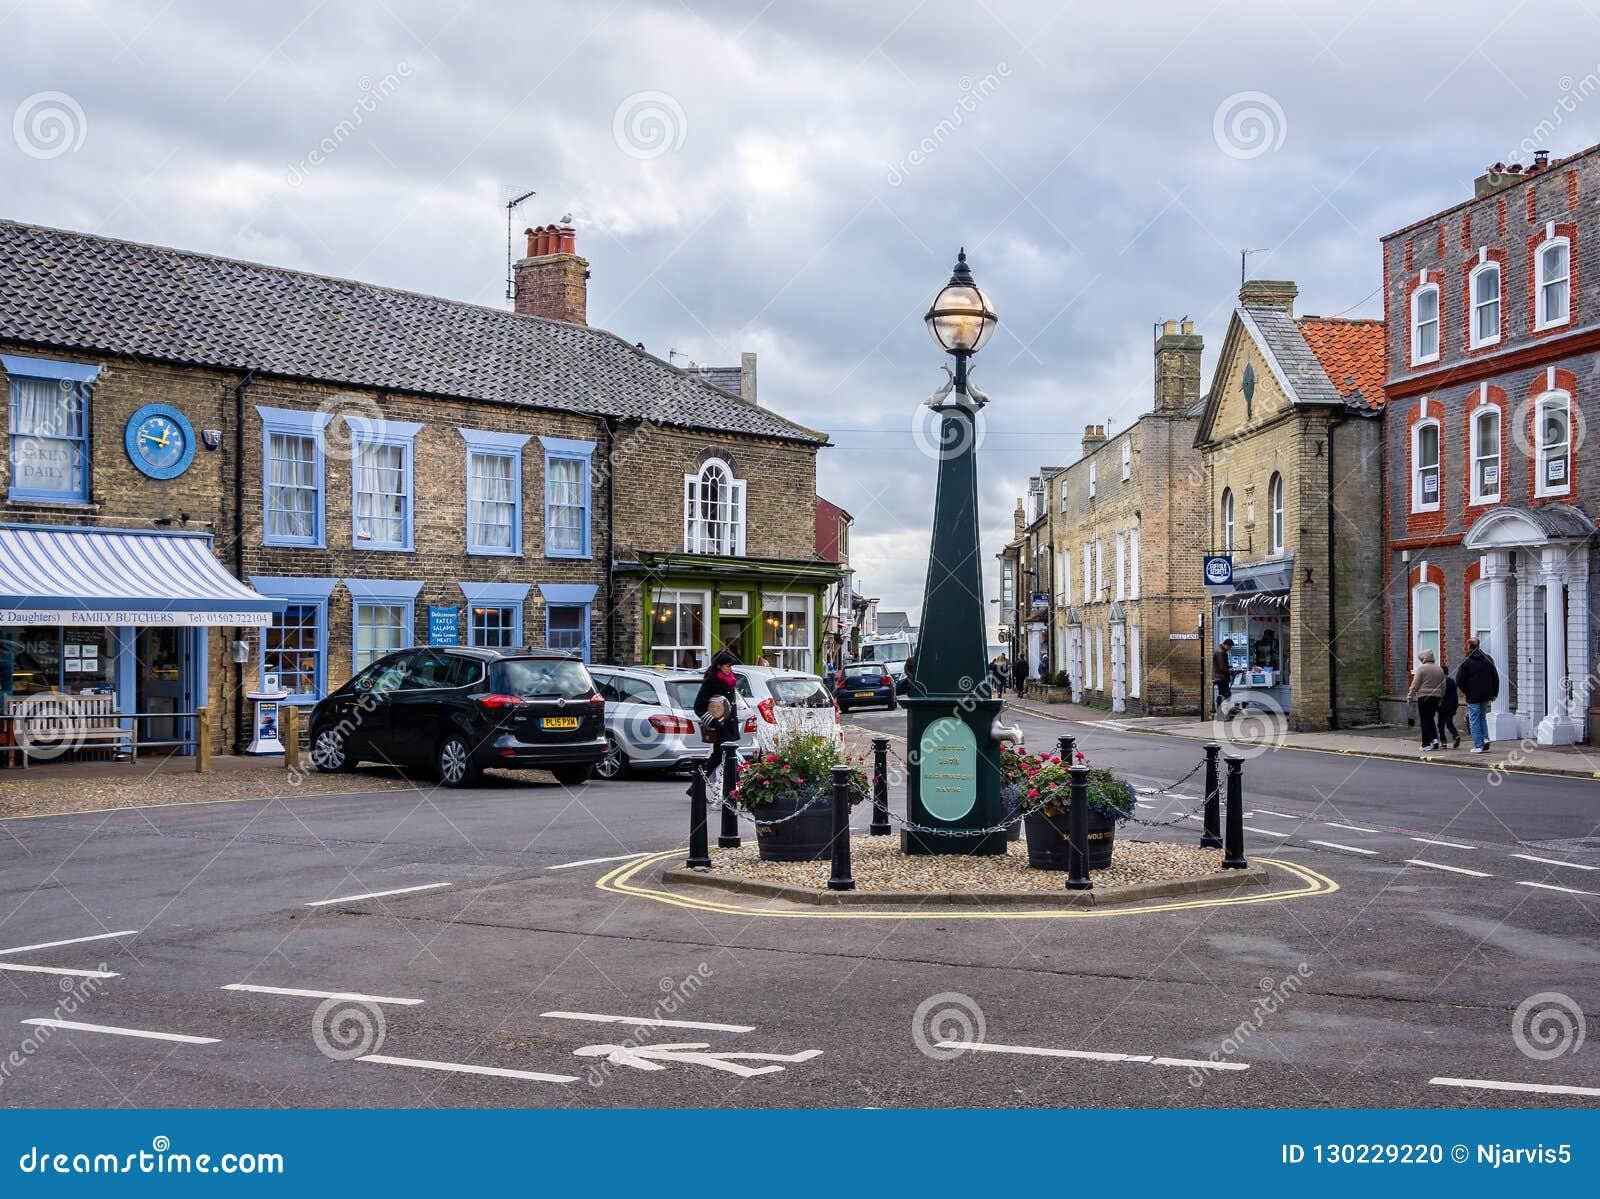 Centro edificato e mercato di Southwold in Southwold, Suffolk, Regno Unito